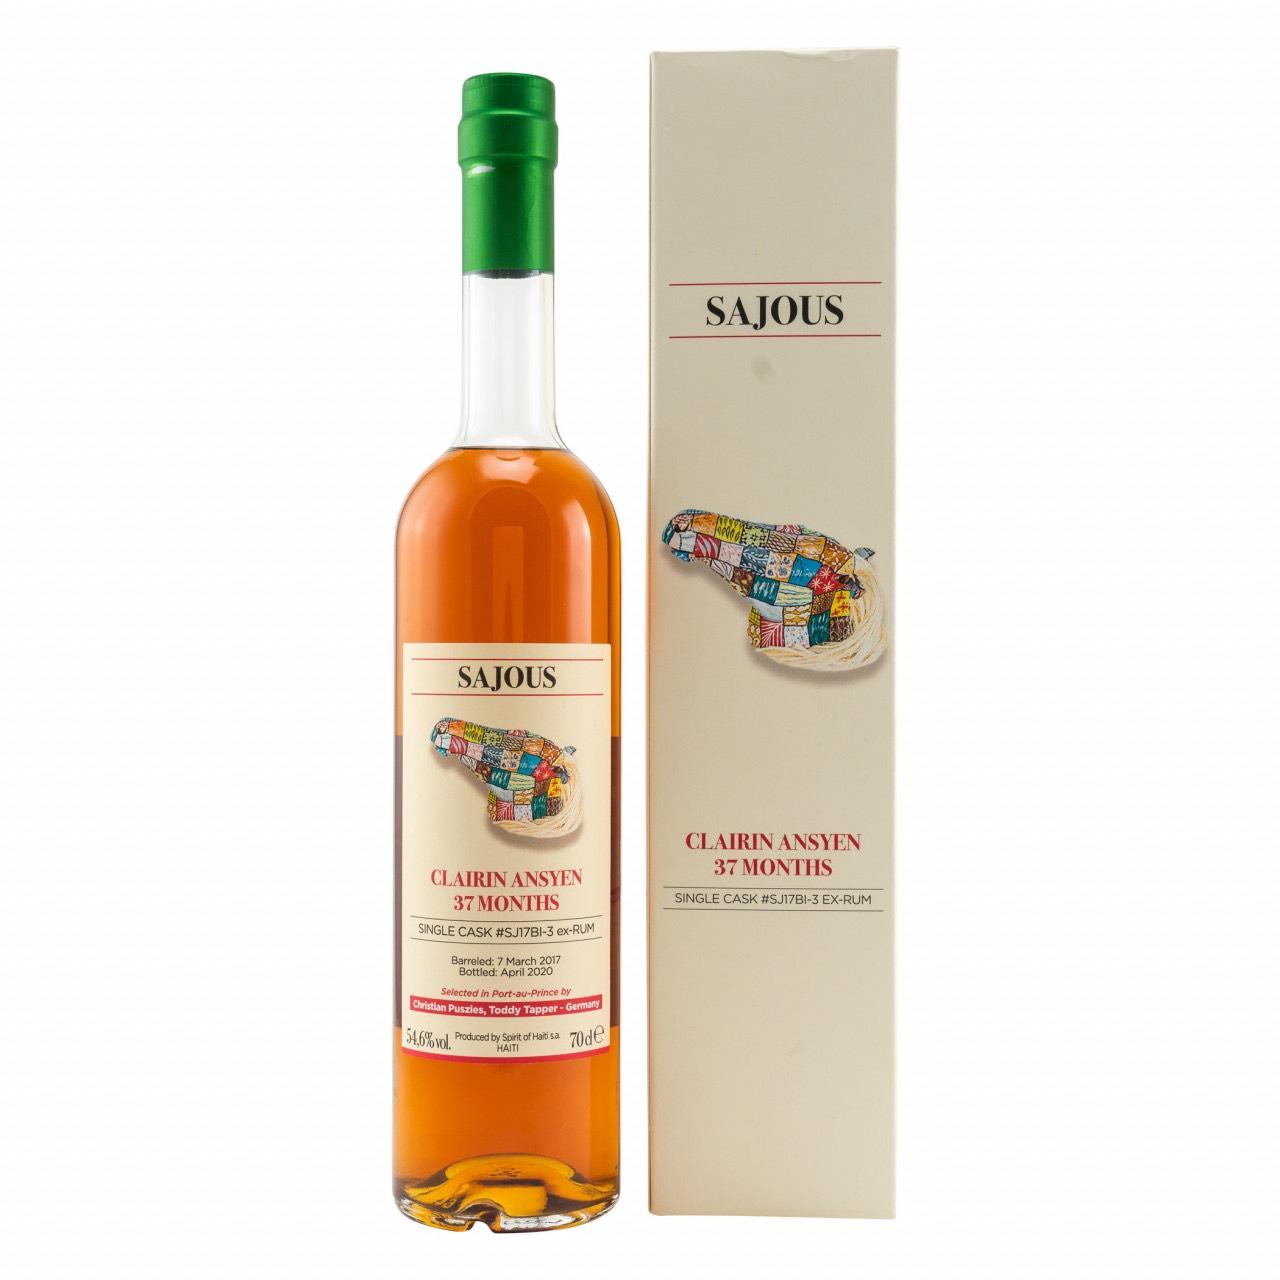 Bottle image of Clairin Ansyen Sajous (Bielle Cask)